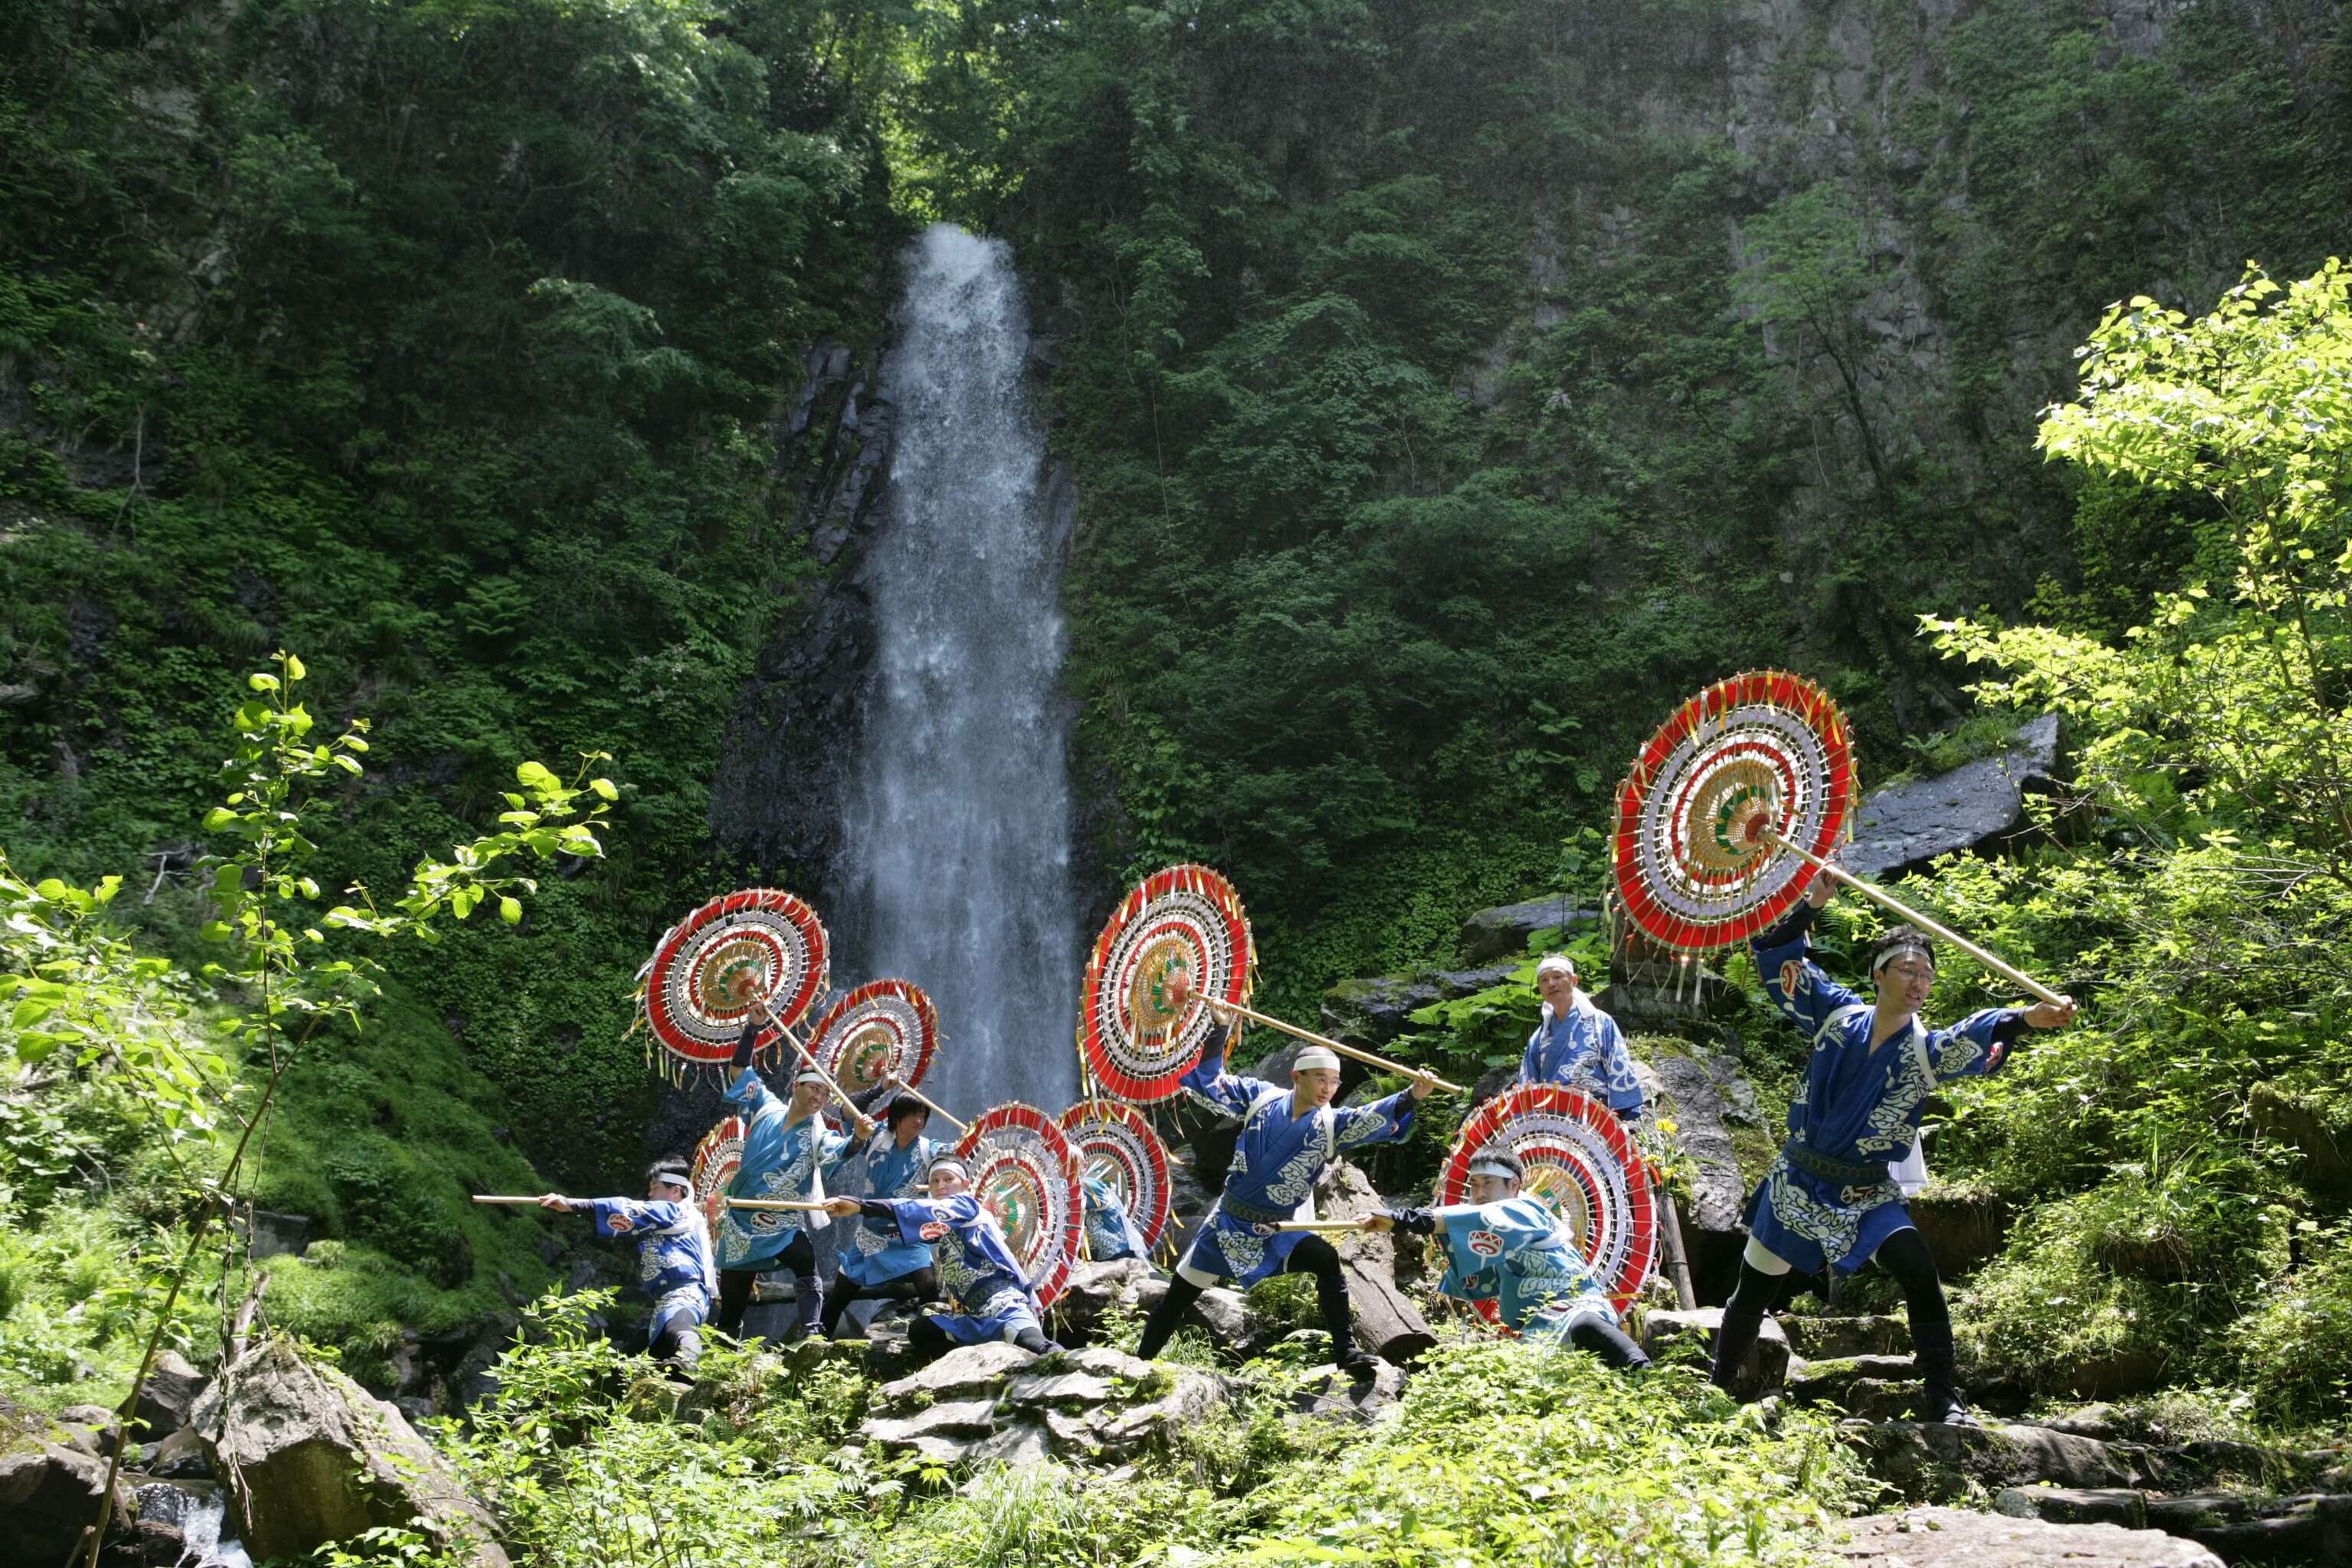 因幡の傘踊り (雨滝滝開き祭)